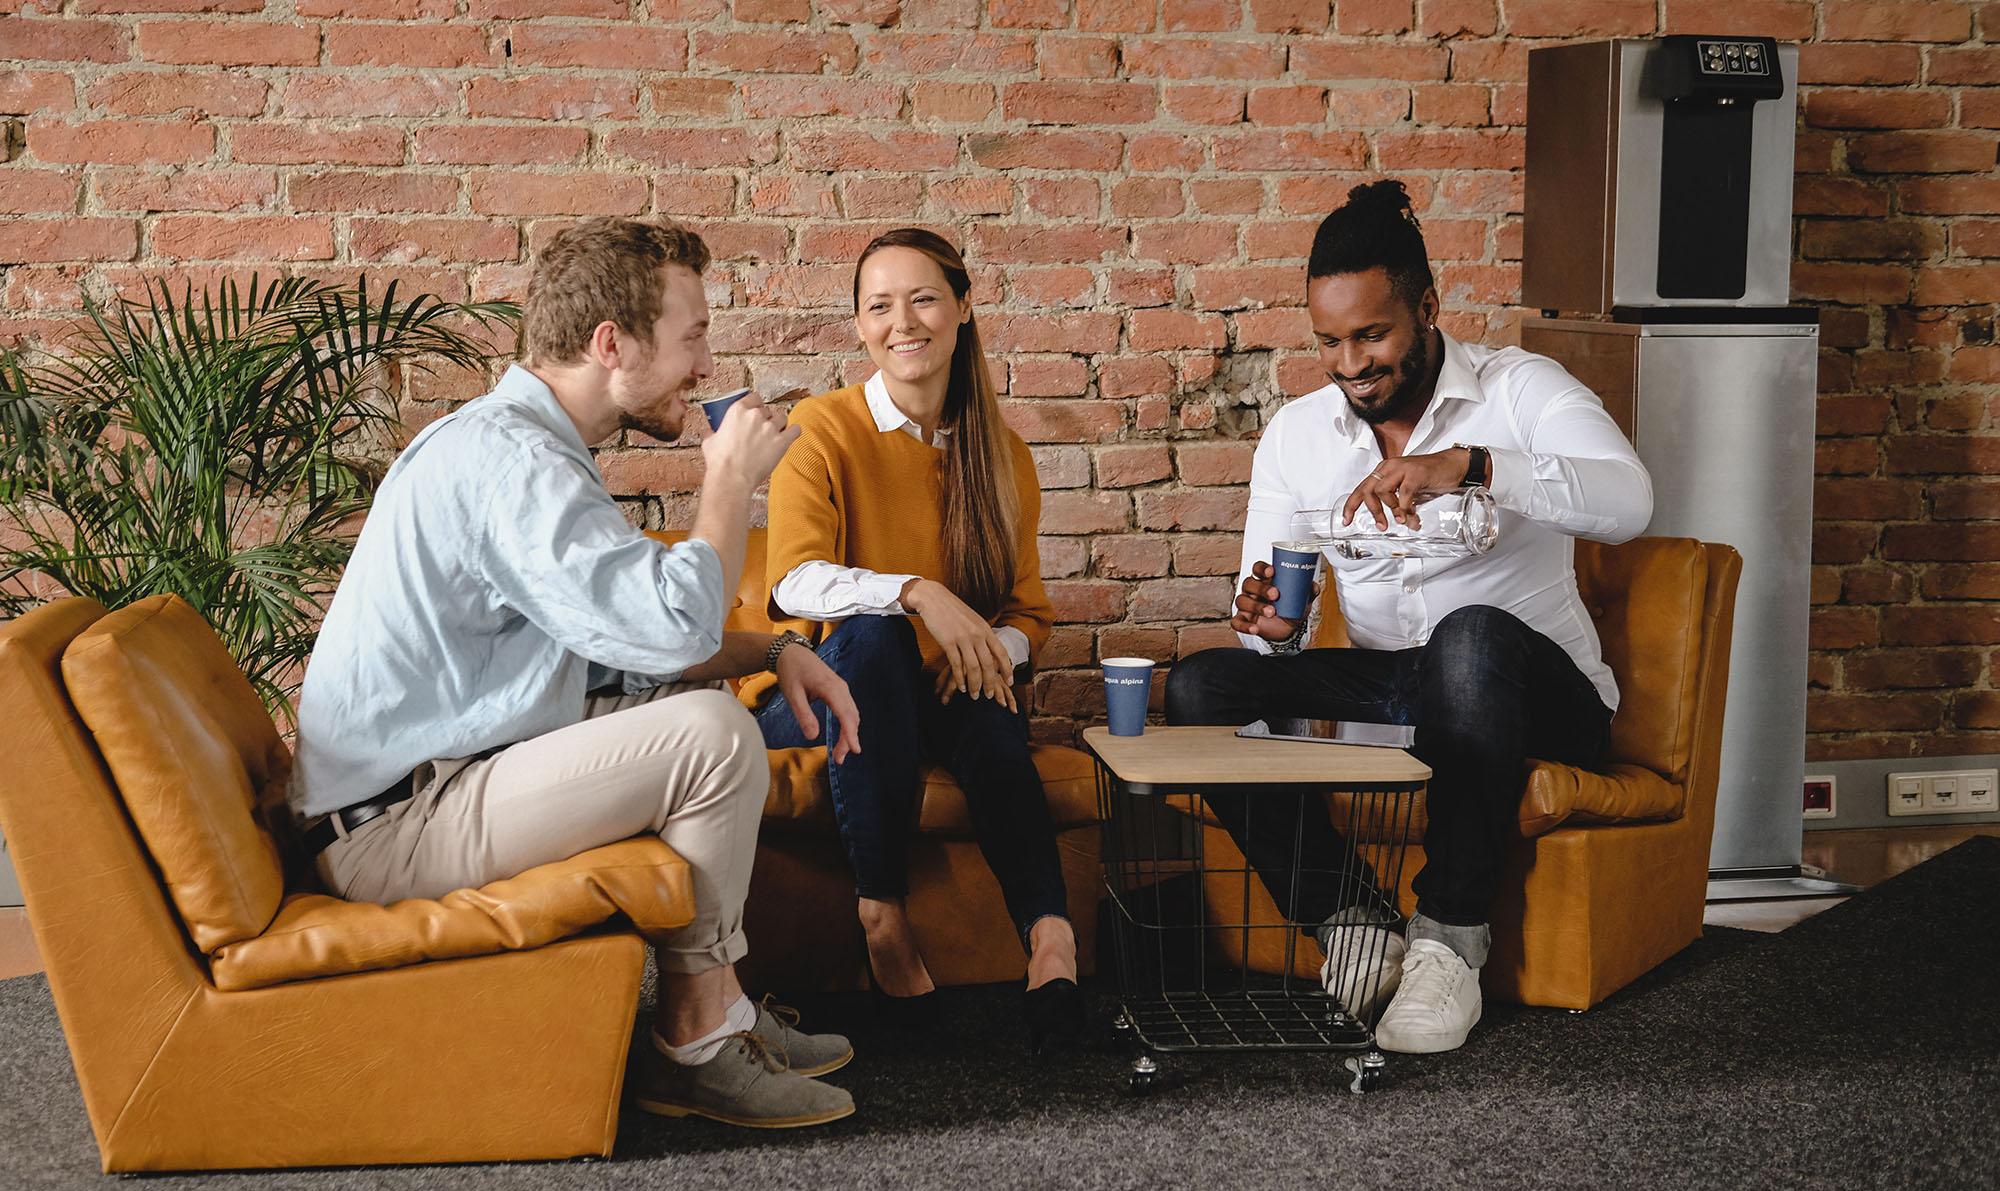 Aqua Alpina Personen Sitzen Bei Gemuetlichem Meeting Mit Wasserspender Soda Premium Plus